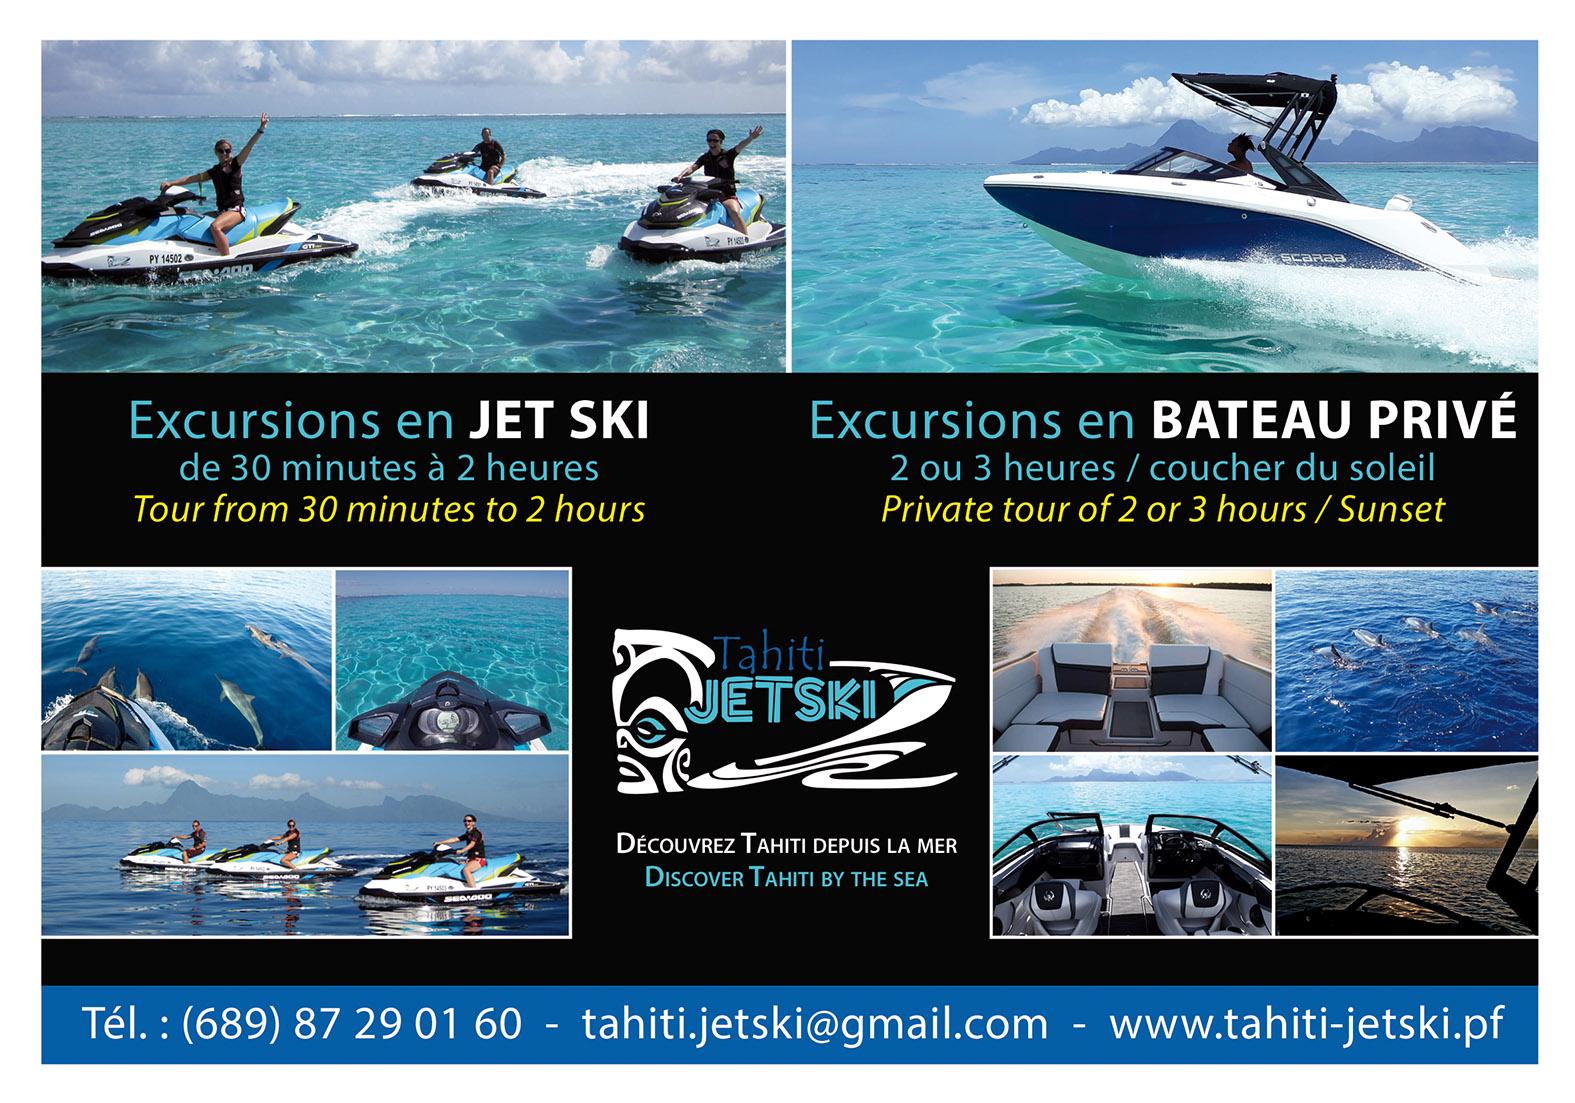 https://tahititourisme.com/wp-content/uploads/2017/08/Tahiti-Jet-Ski-190x130-sept-2.jpg